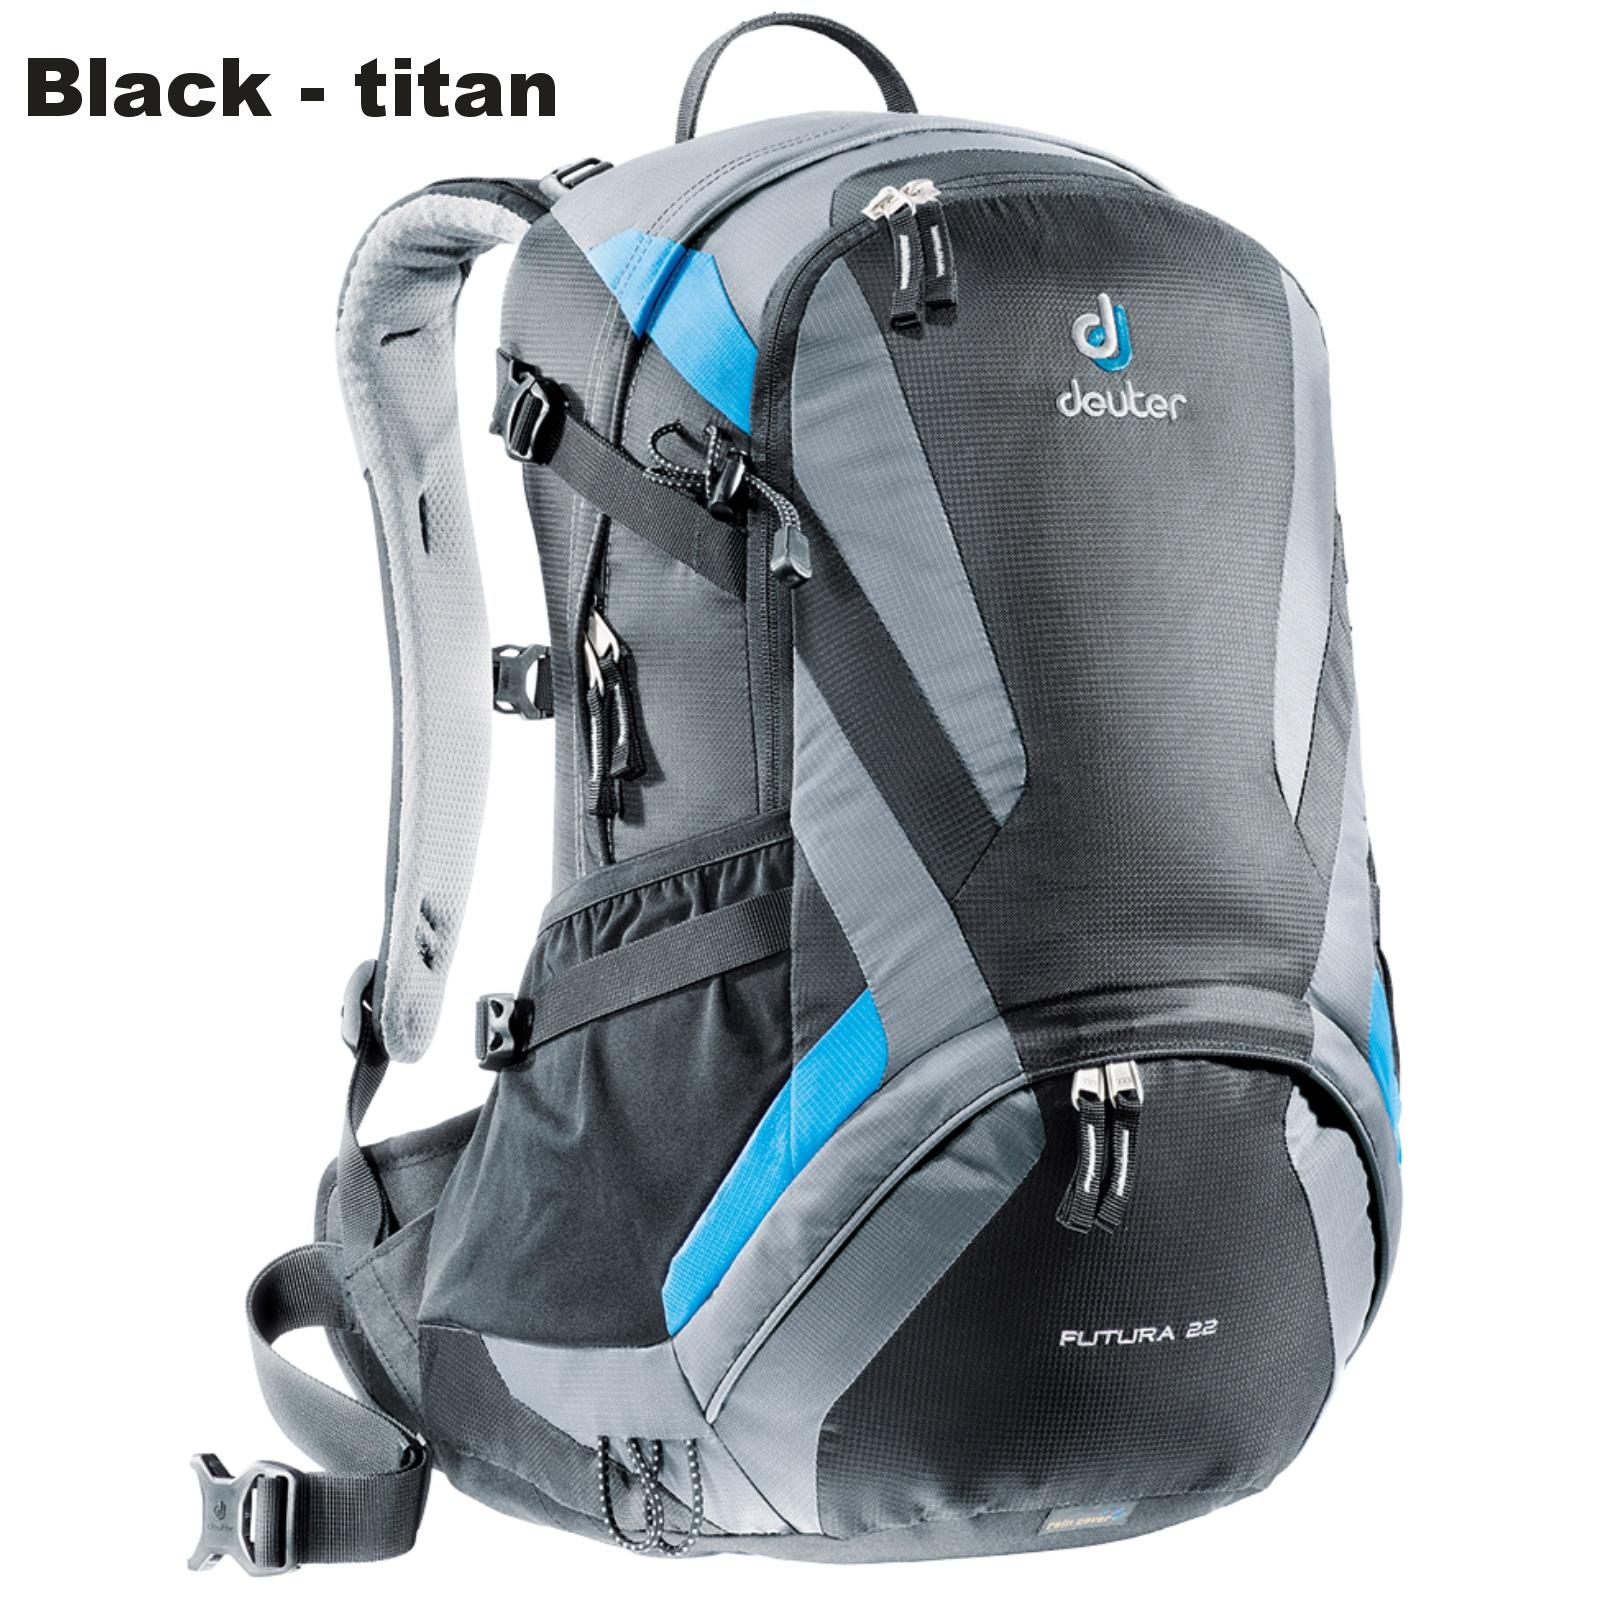 Batoh DEUTER Futura 22 l - black-titan